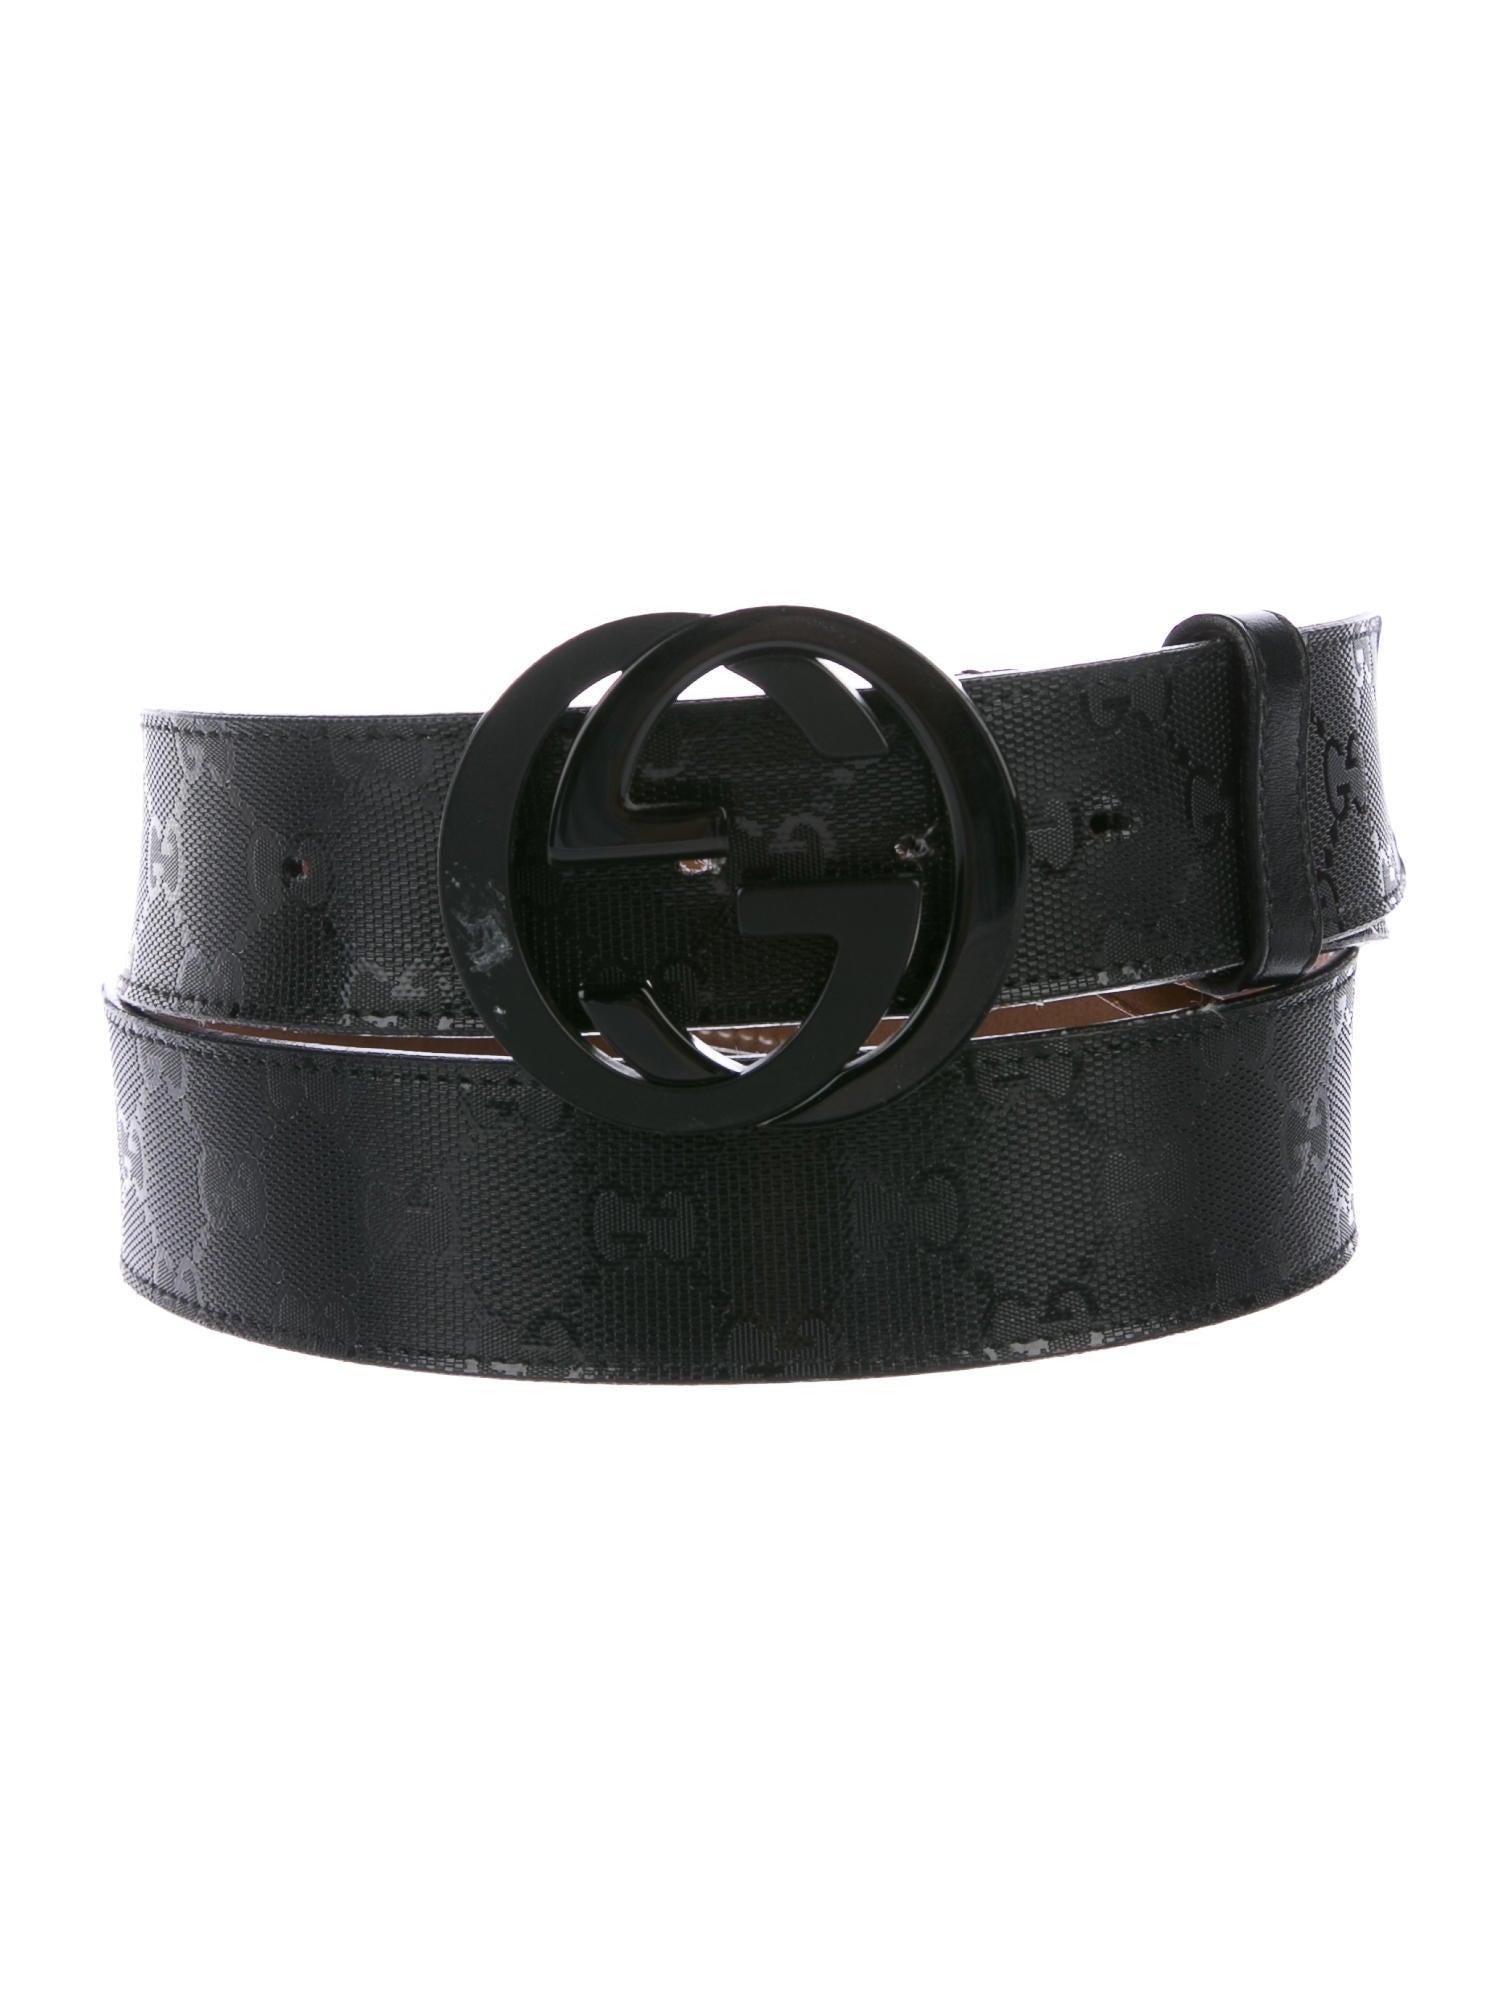 3809118006b Gucci GG Imprimé Belt - Accessories - GUC171800